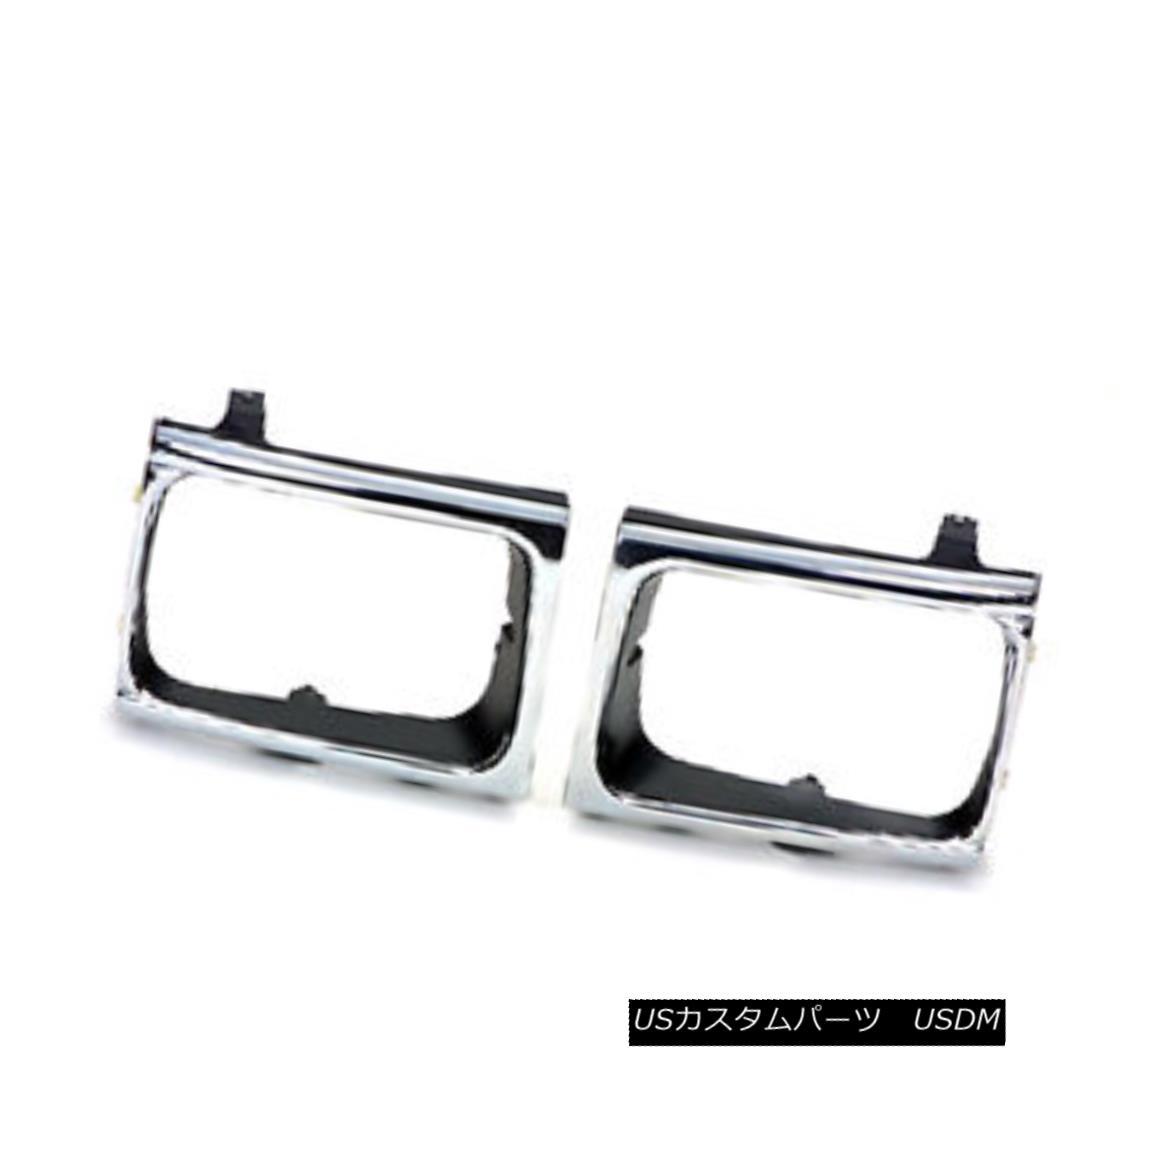 グリル Replacement Headlight Door Chrome Passenger Side for 4 wheel drive 630-50119AR 4輪駆動用630-50119ARのための代替ヘッドライトドアクロームの旅客側